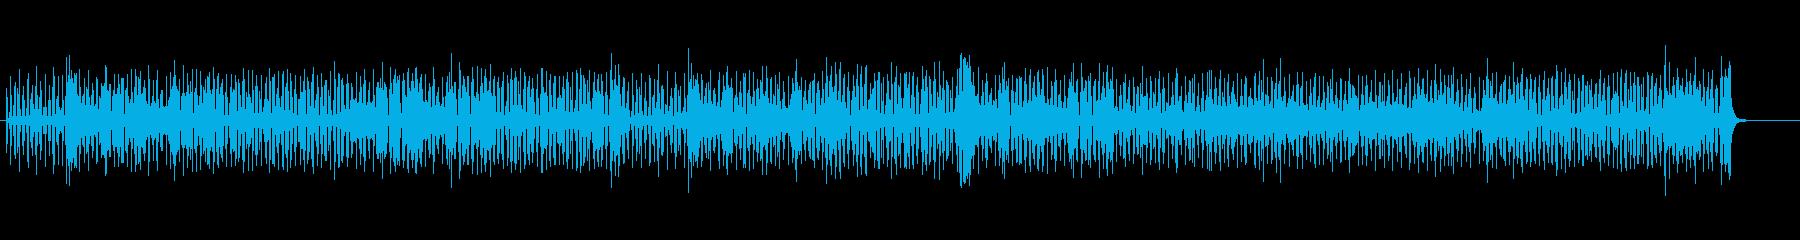 コミカルなシャッフル・テクノの再生済みの波形